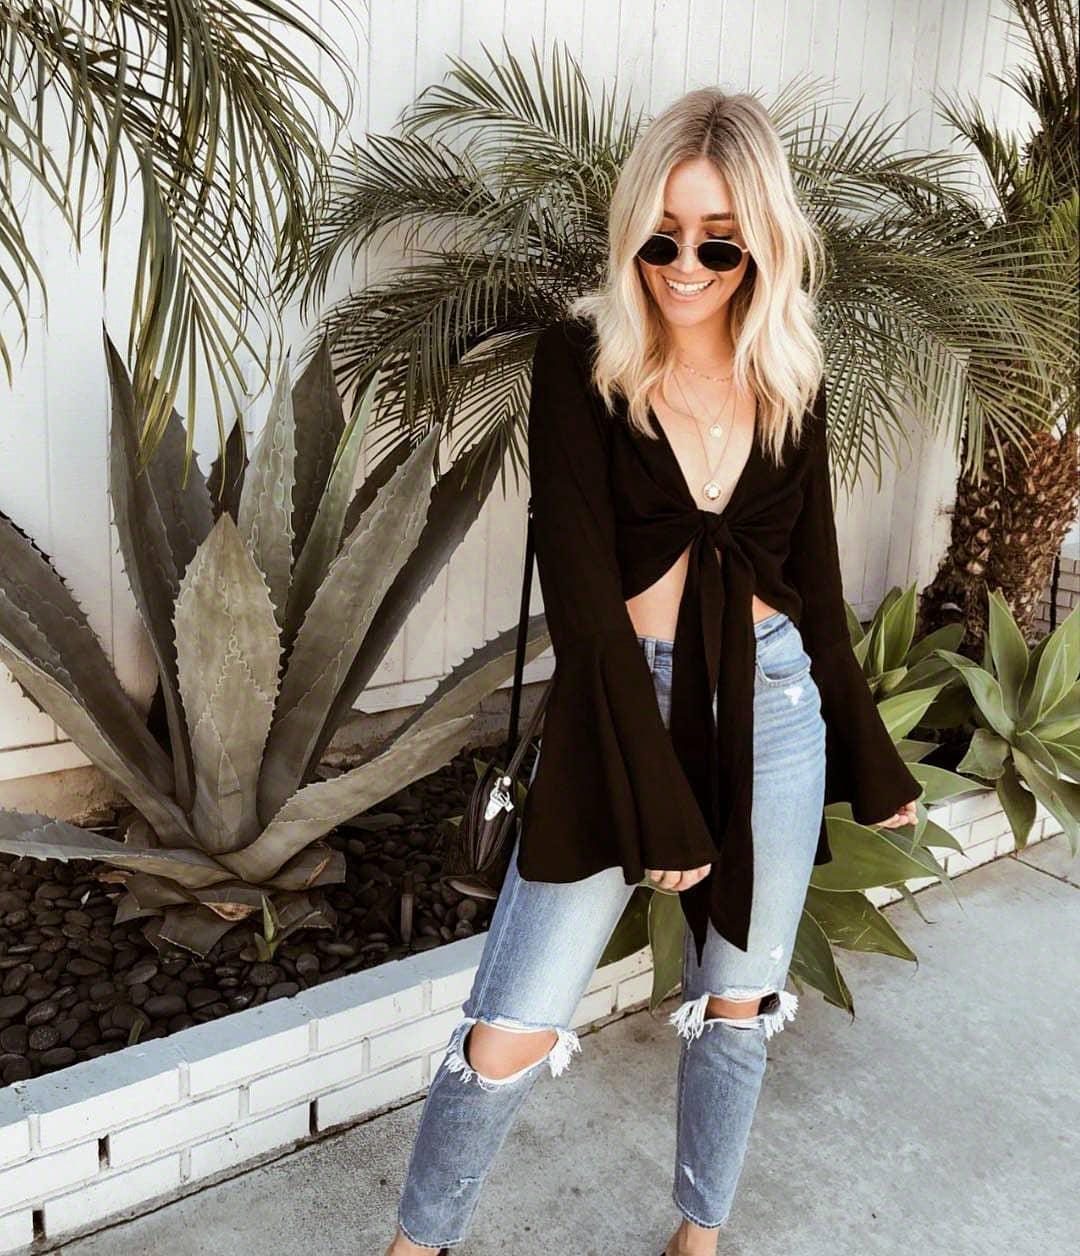 С чем носить джинсы летом фото 4